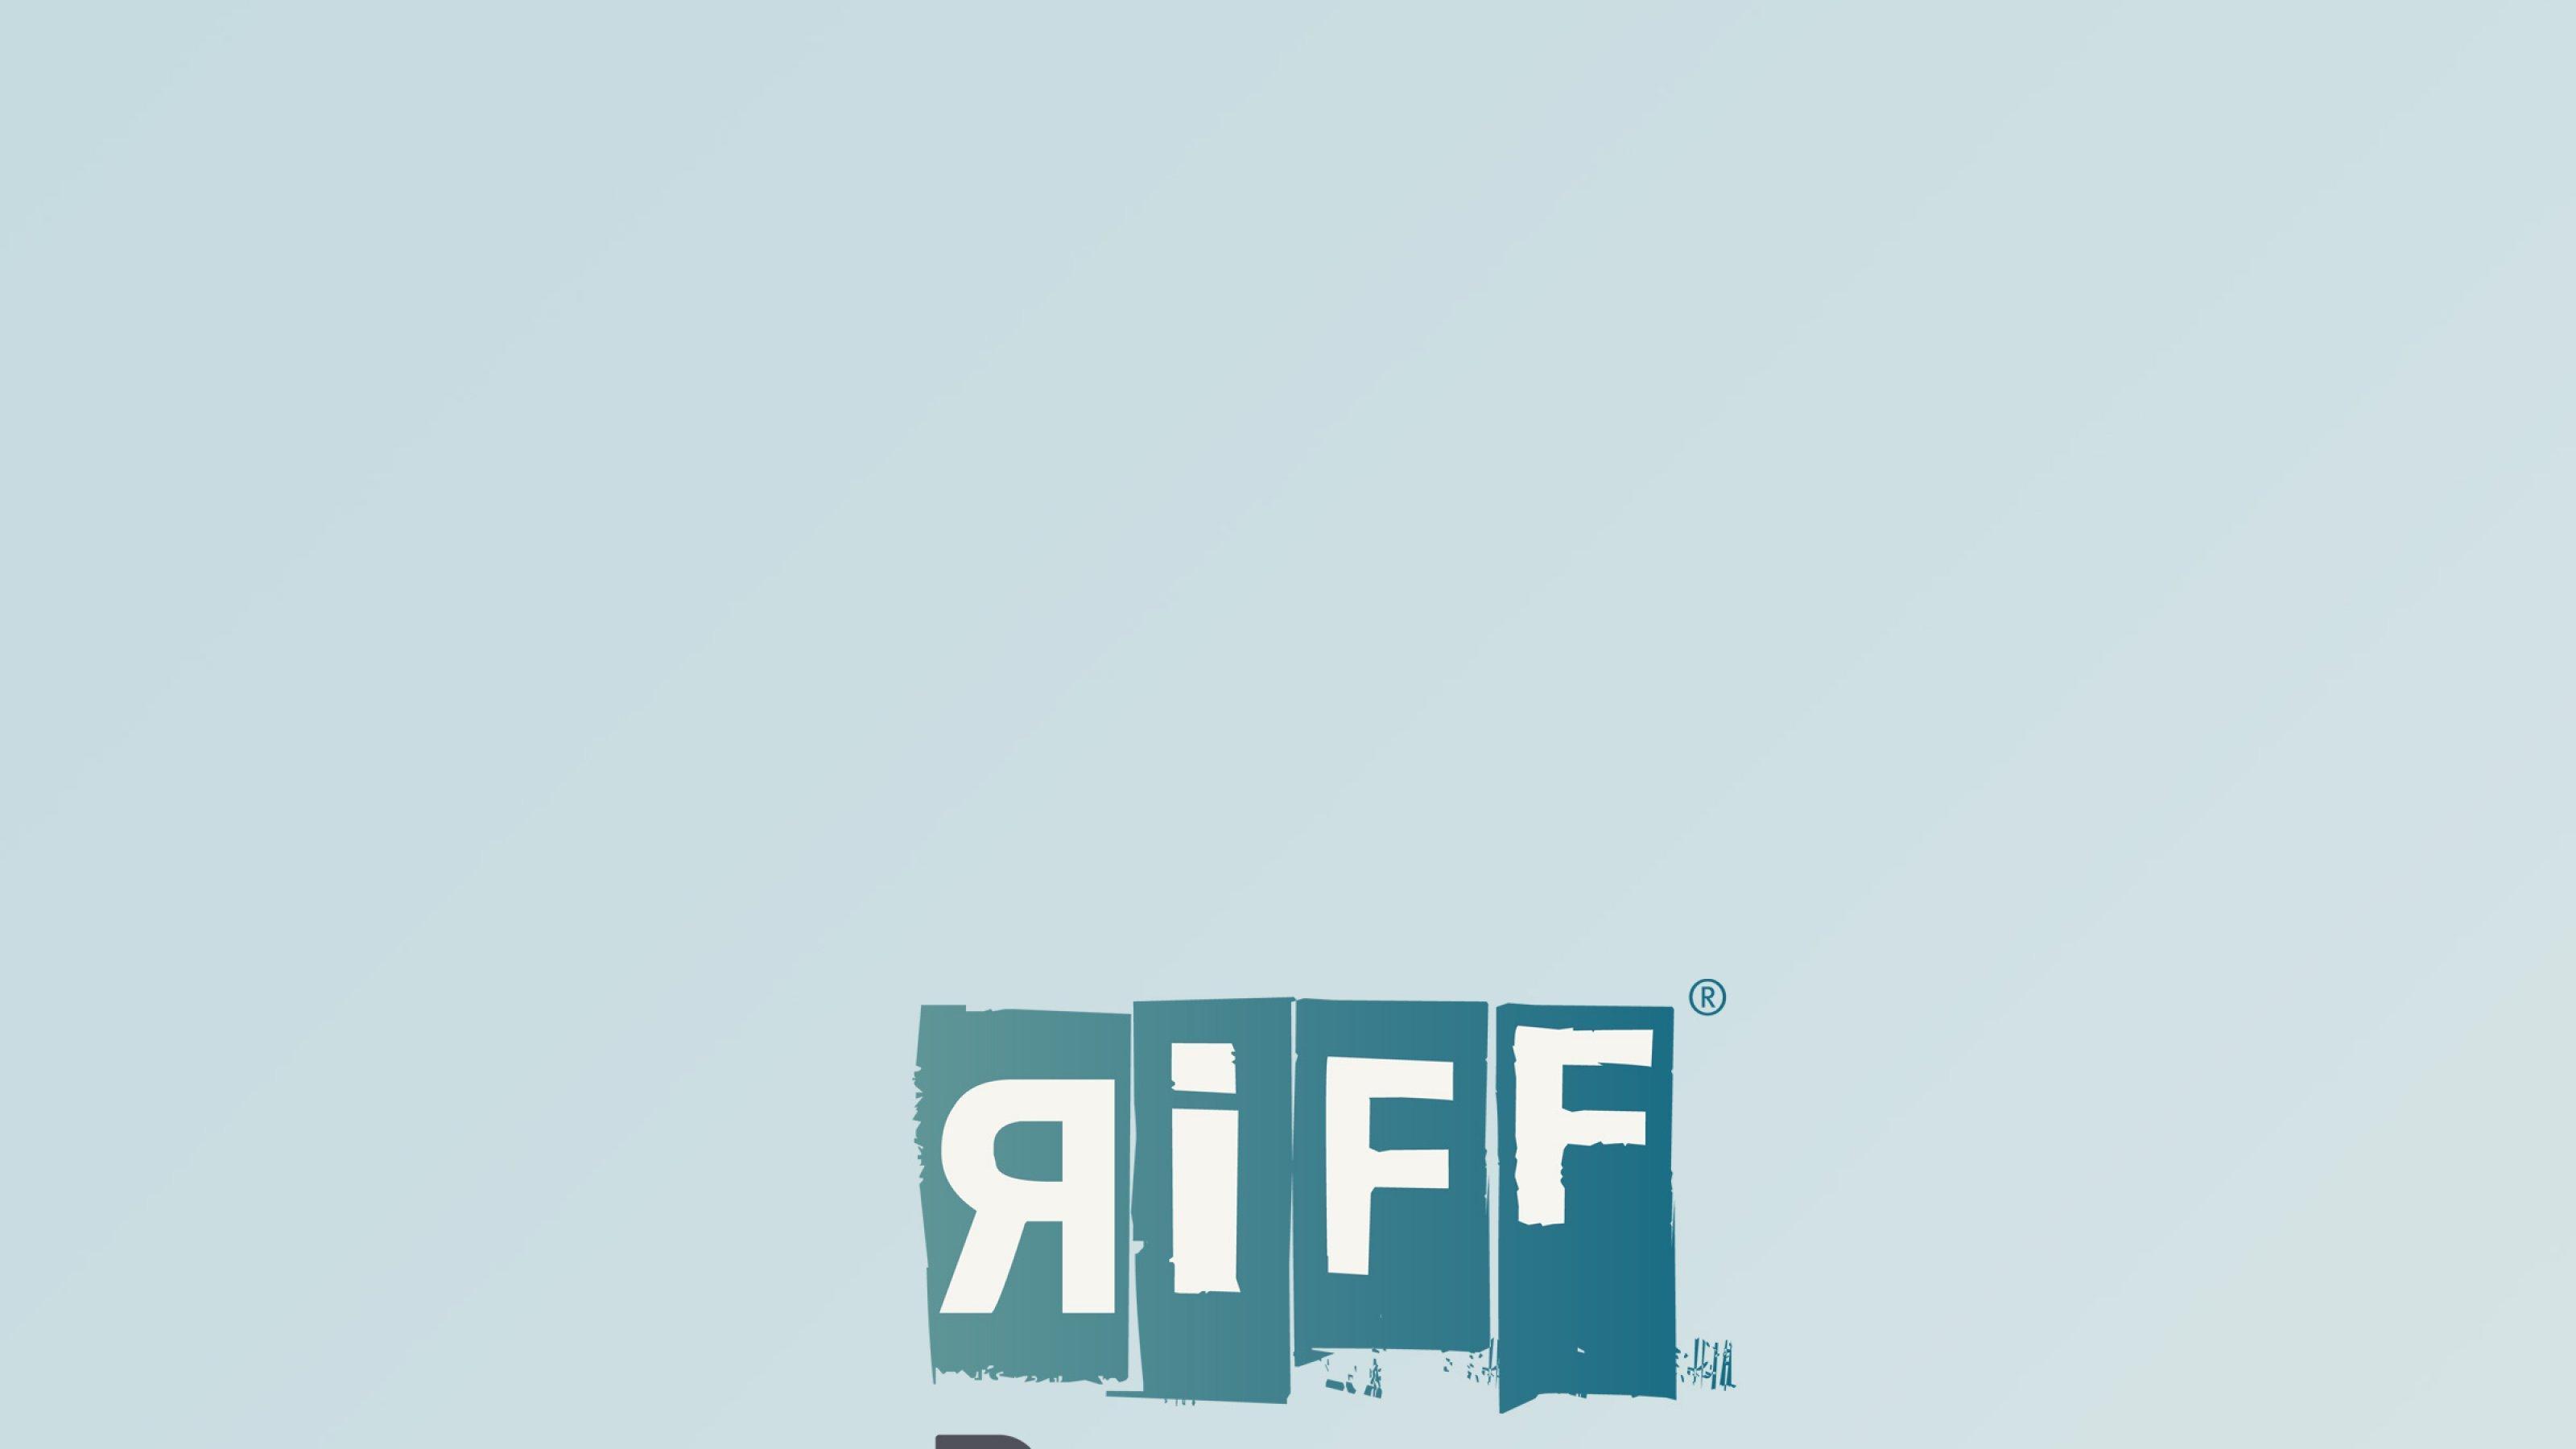 """Bundesumweltministerin Svenja Schulze stellte eine erste """"Nationale Wasserstrategie """"am 8. Juni 2021anlässlich der Eröffnung des 3. Nationale Wasserforums in Berlin vor. Das Bild zeigt die Ministerin am Rednerpult. Sie hält die Publikation mit dem Titel """"Nationale Wasserstrategie"""" hoch, so dass das Publikum sie gut sehen kann."""